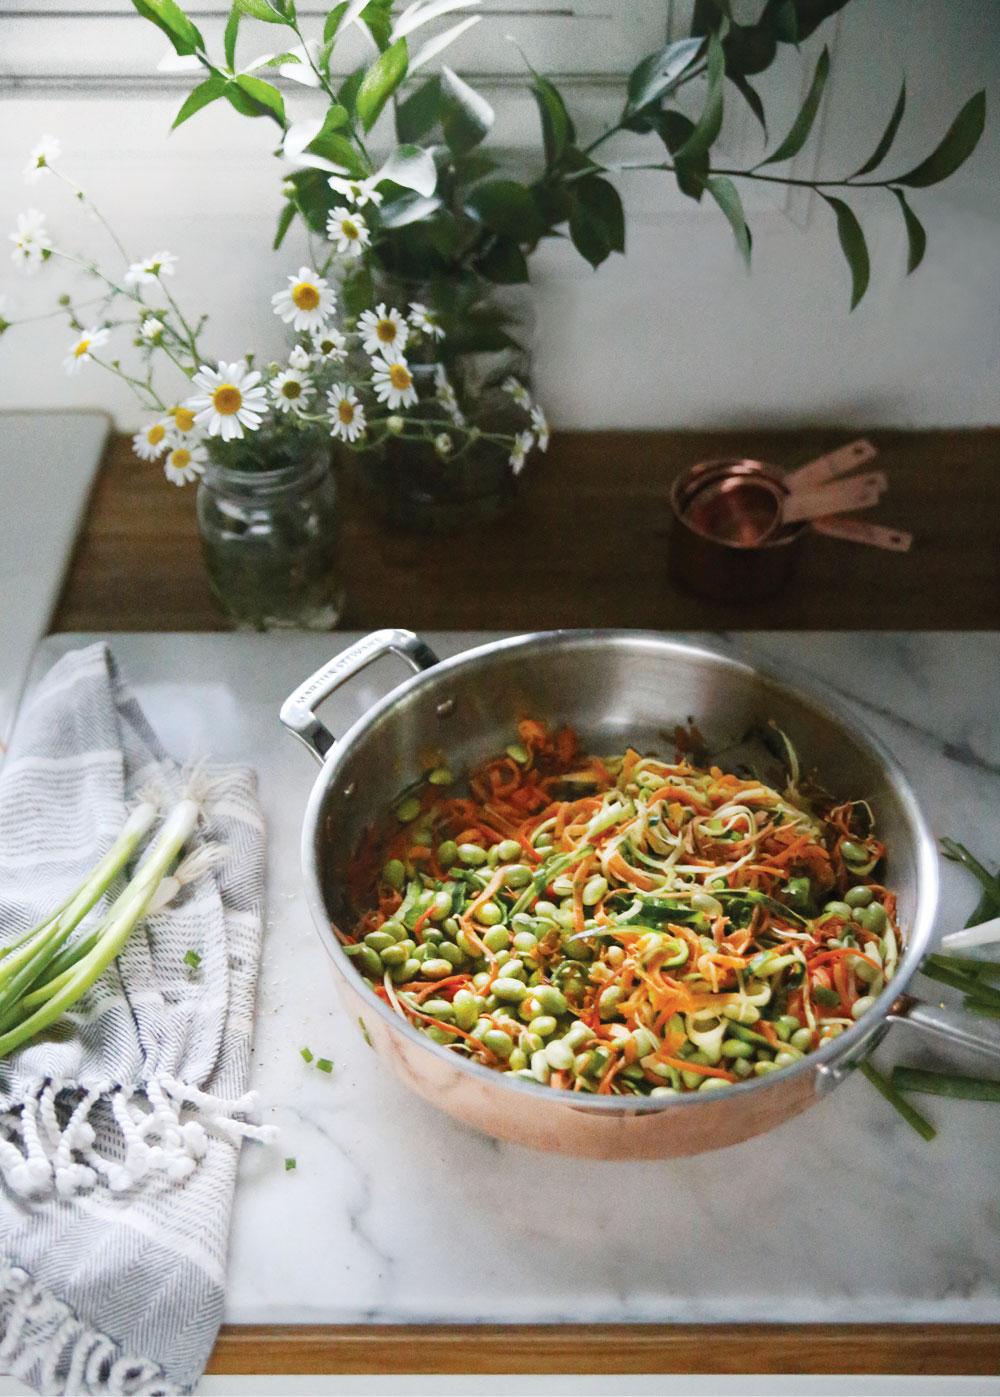 Sweet-Potato-Zoodle-Stir-Fry-Pure-Ella-Leche-Martha-Stewart-Tri-Ply-Copper-10-Pc.-Cookware-Set